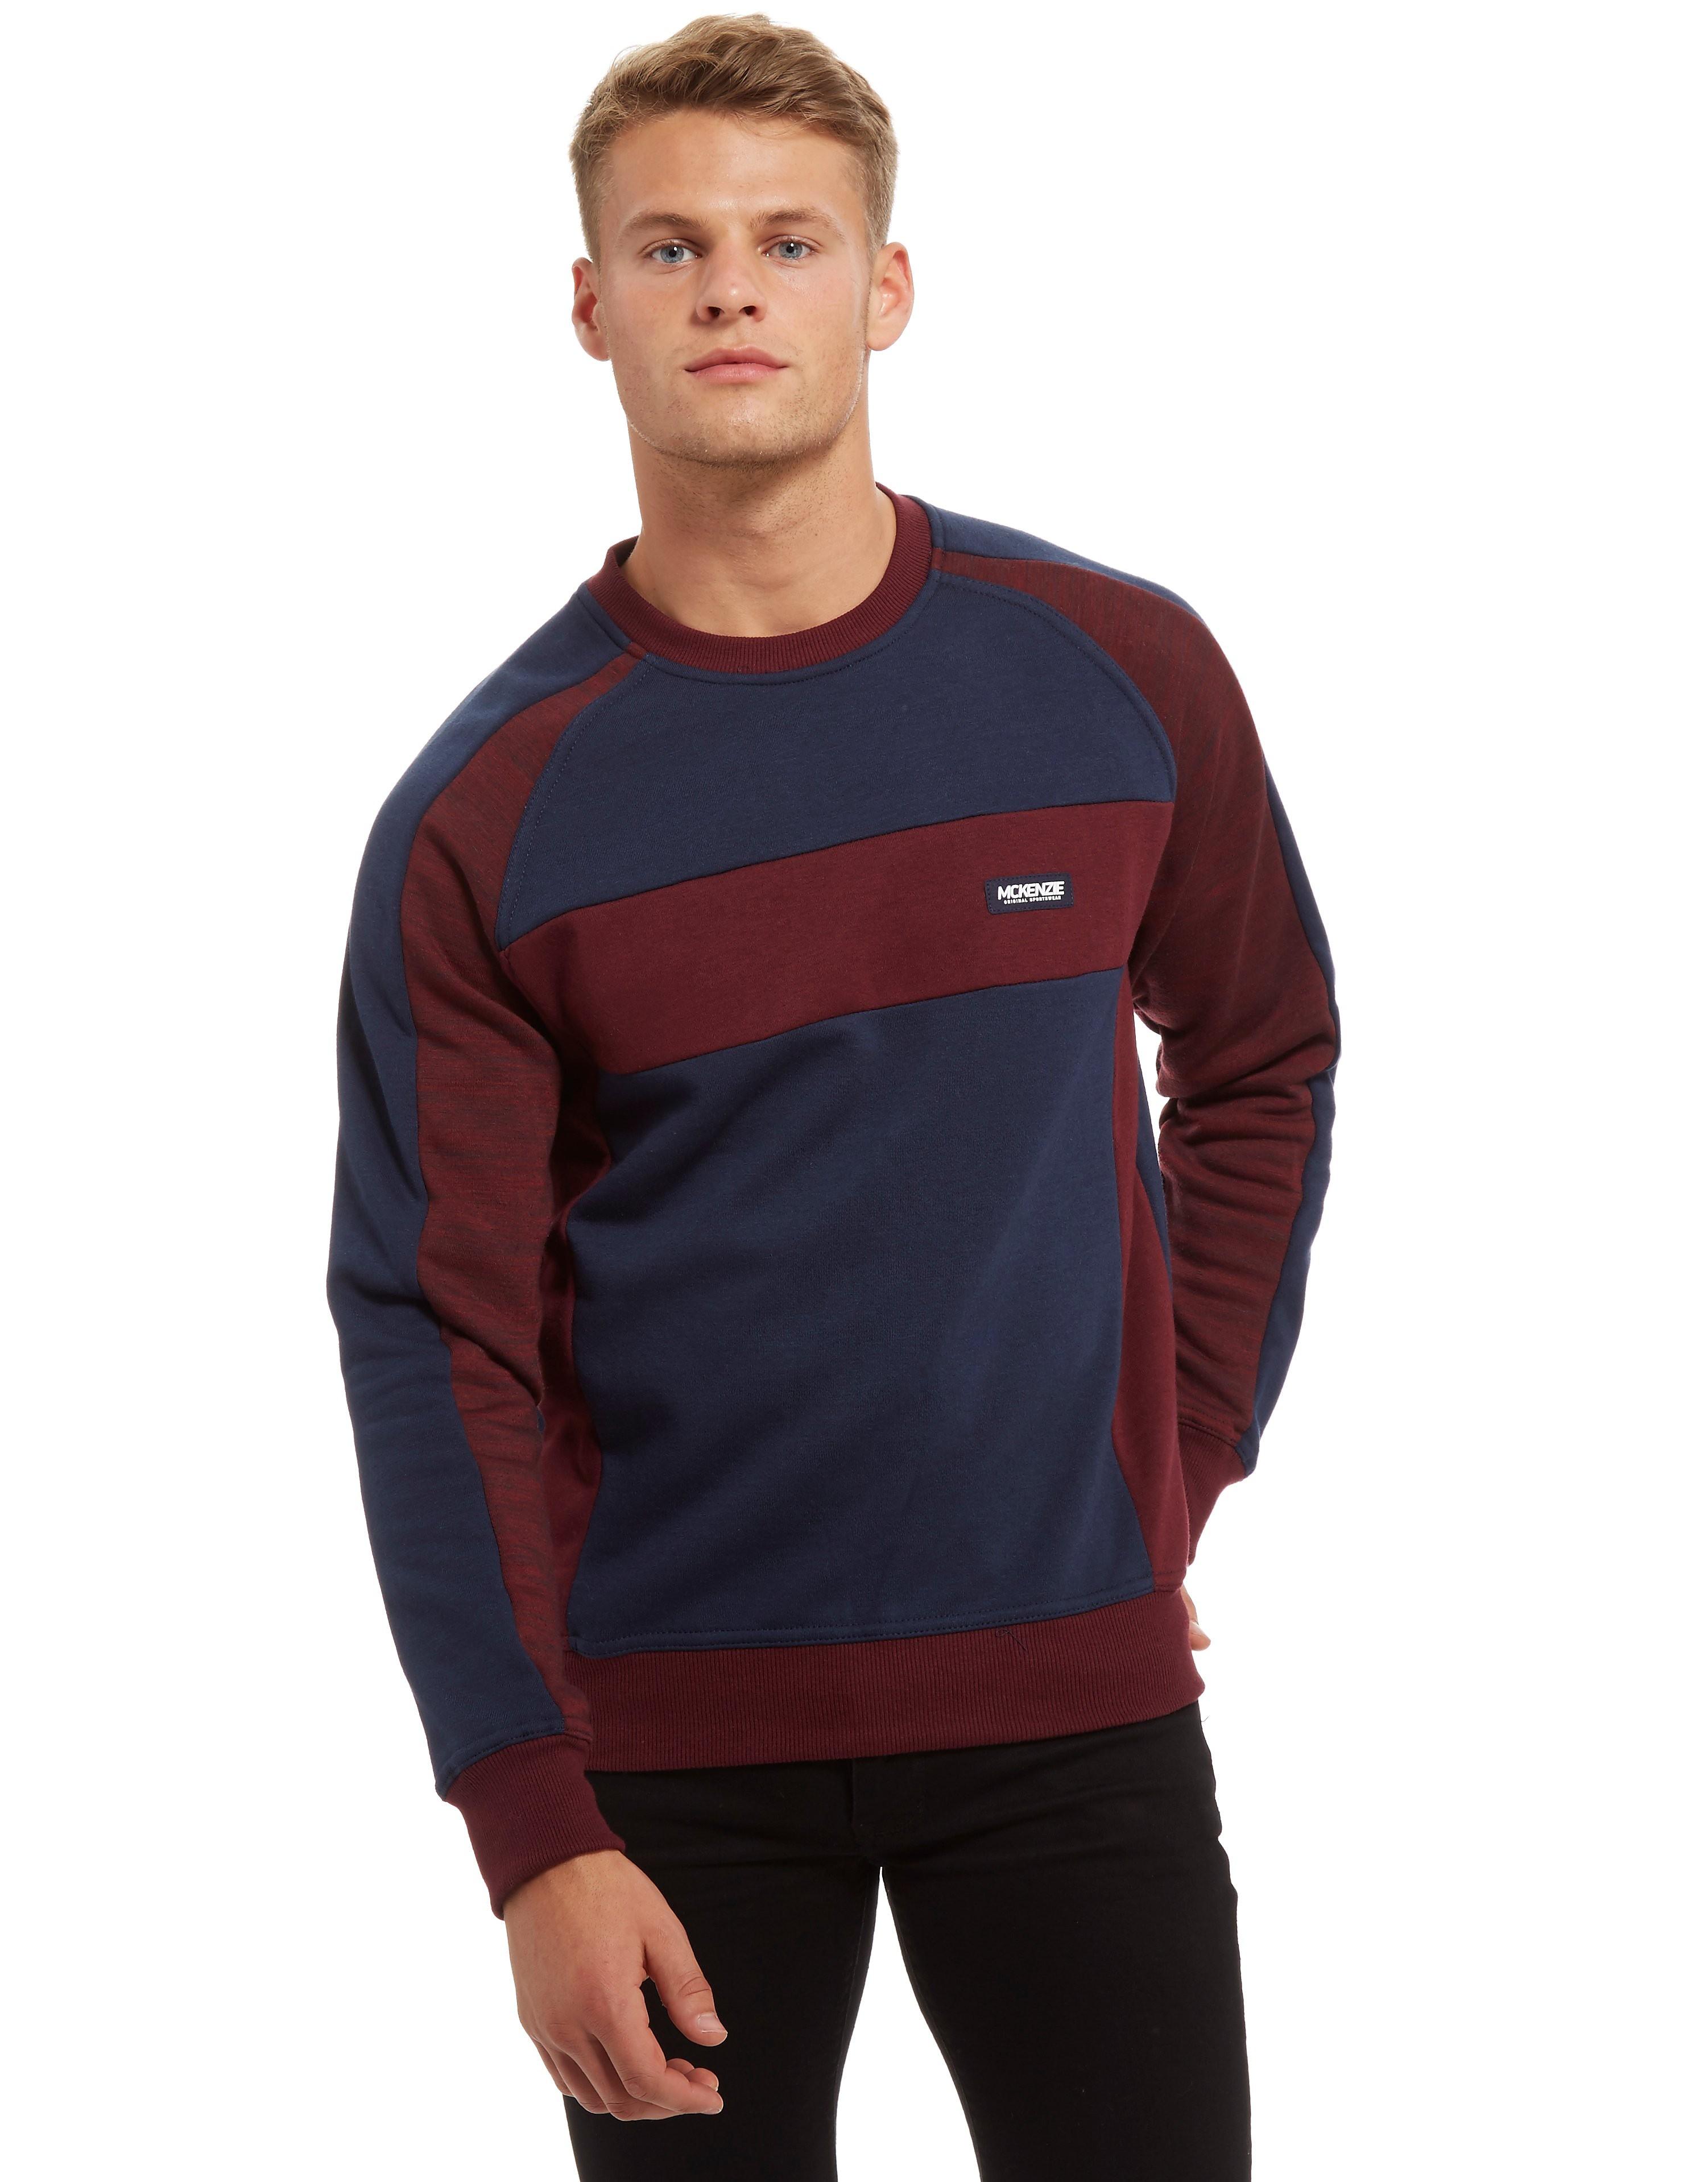 McKenzie Sweat-shirt Thoth Jumper Homme